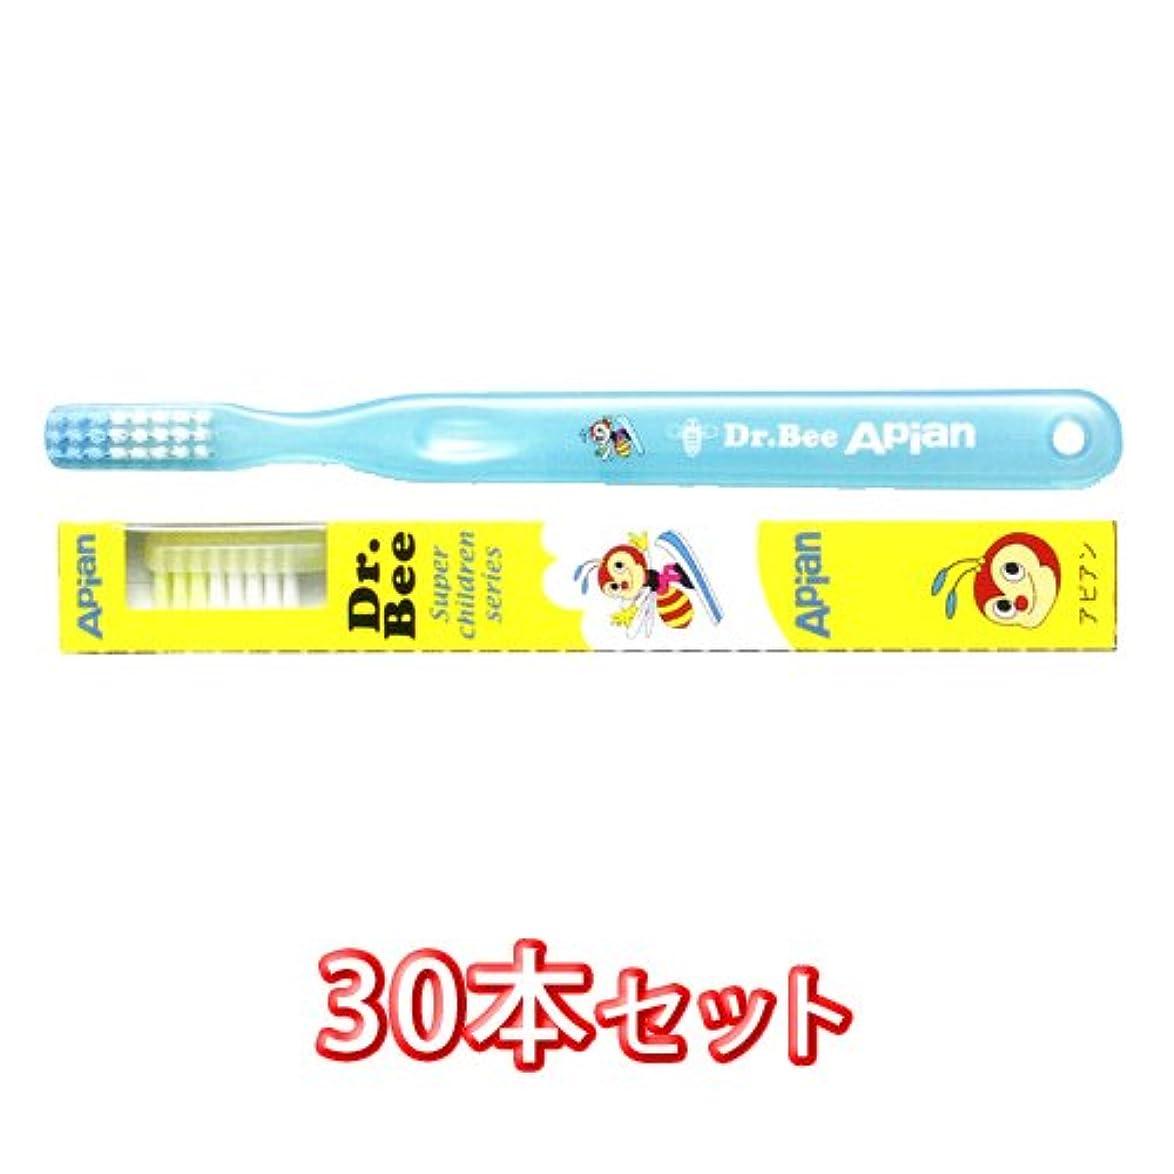 ビーブランド ビーアピアン 歯ブラシ 30本入